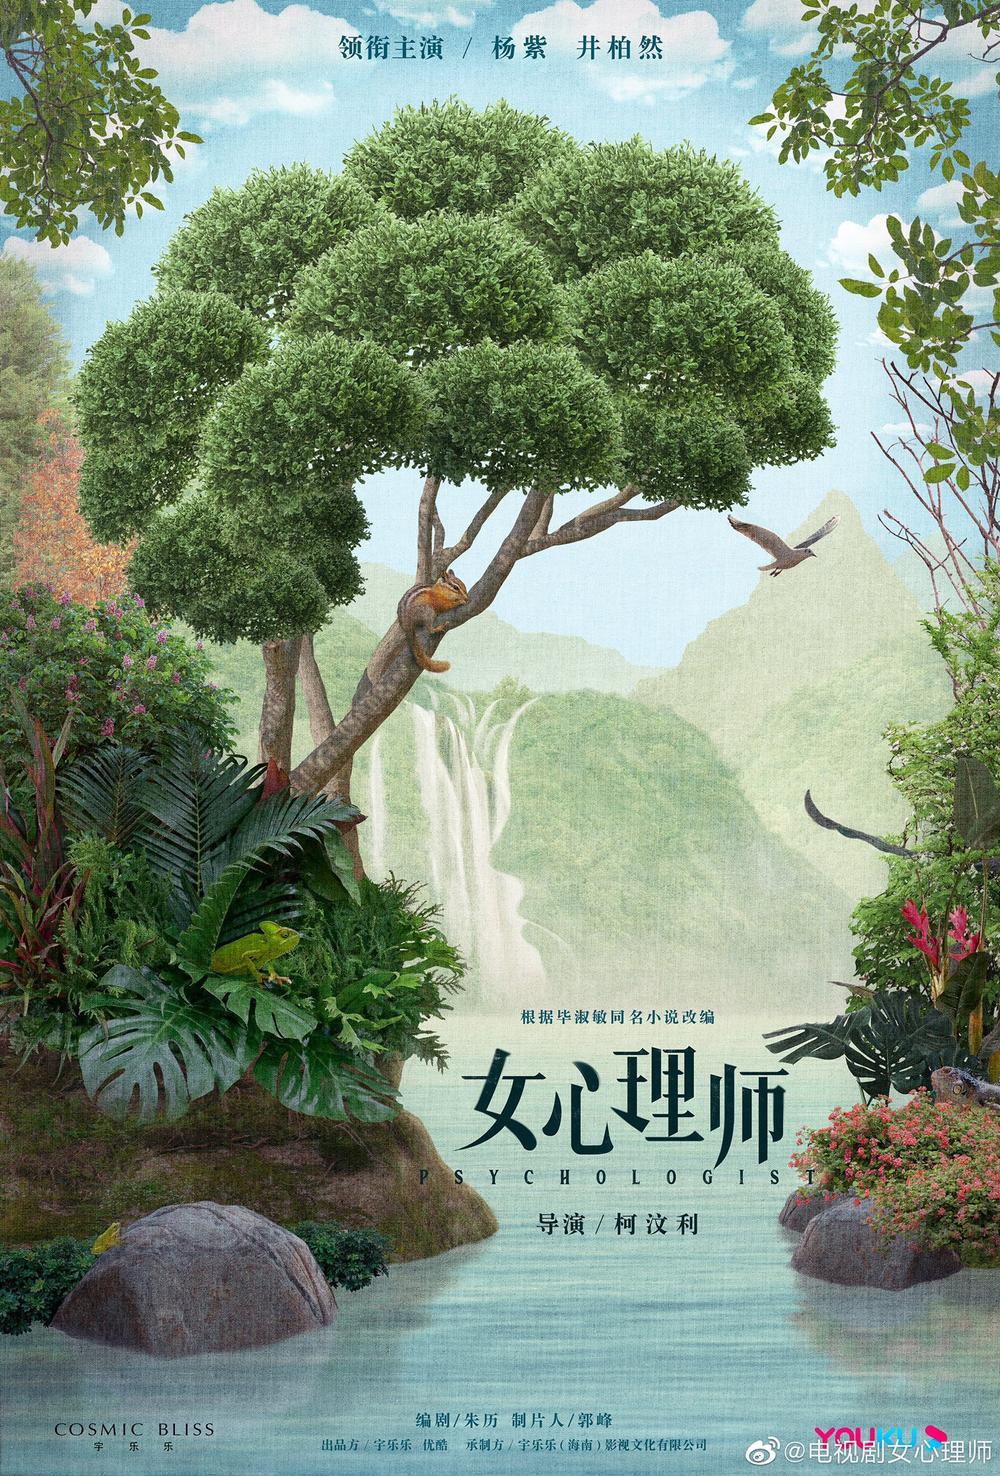 Hết chạm môi Tiêu Chiến, Dương Tử lộ ảnh hôn thắm thiết Tỉnh Bách Nhiên trong phim mới Ảnh 1